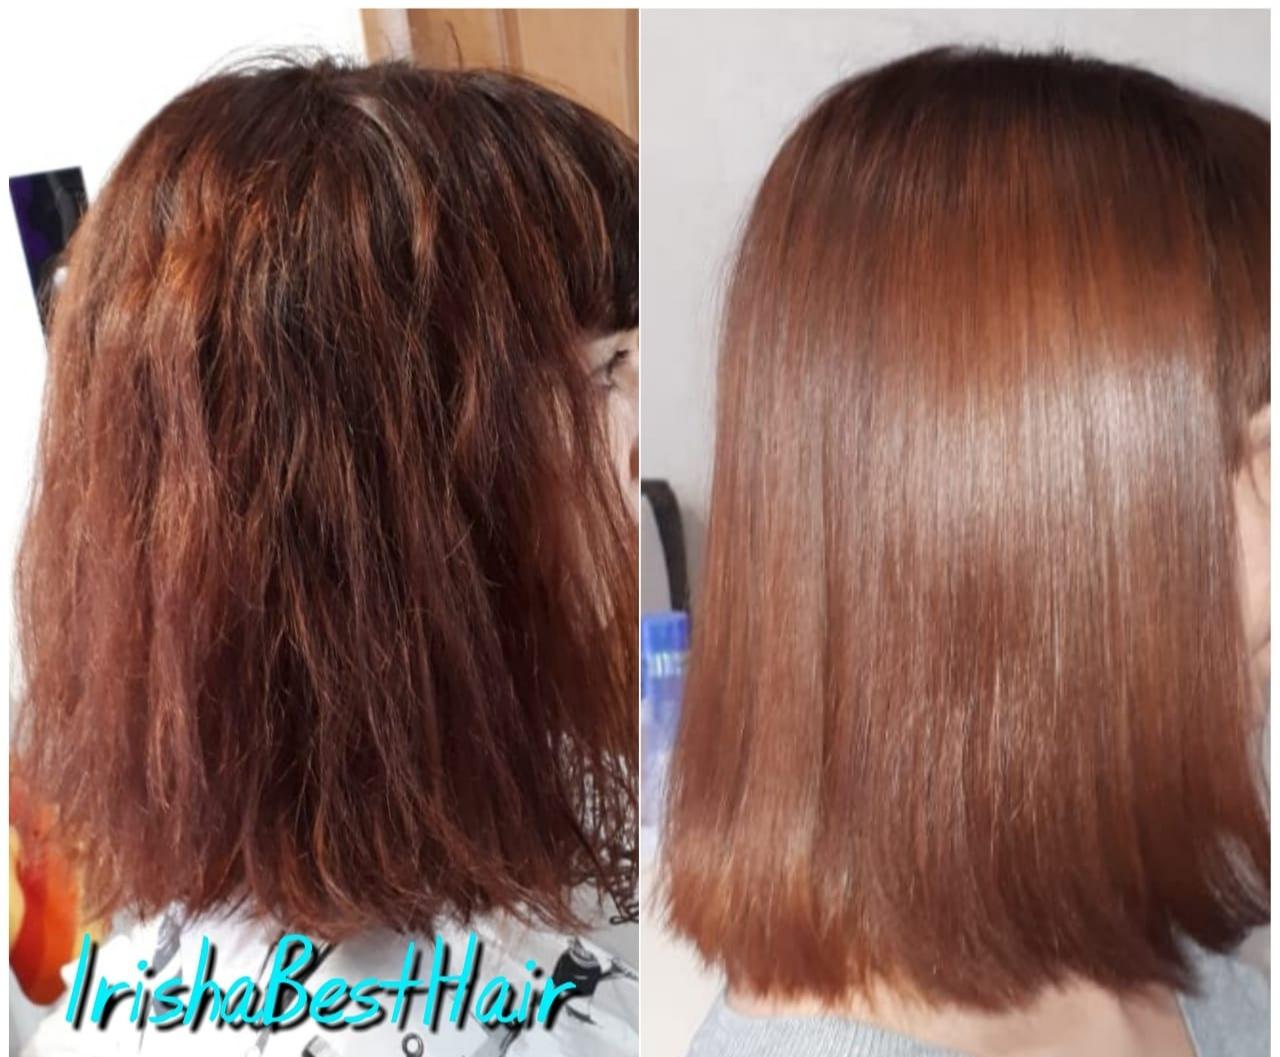 Приглашаю на ботокс и кератиновое выпрямление волос составами премиум класса Honma Tokyo, я мастер с опытом работы!